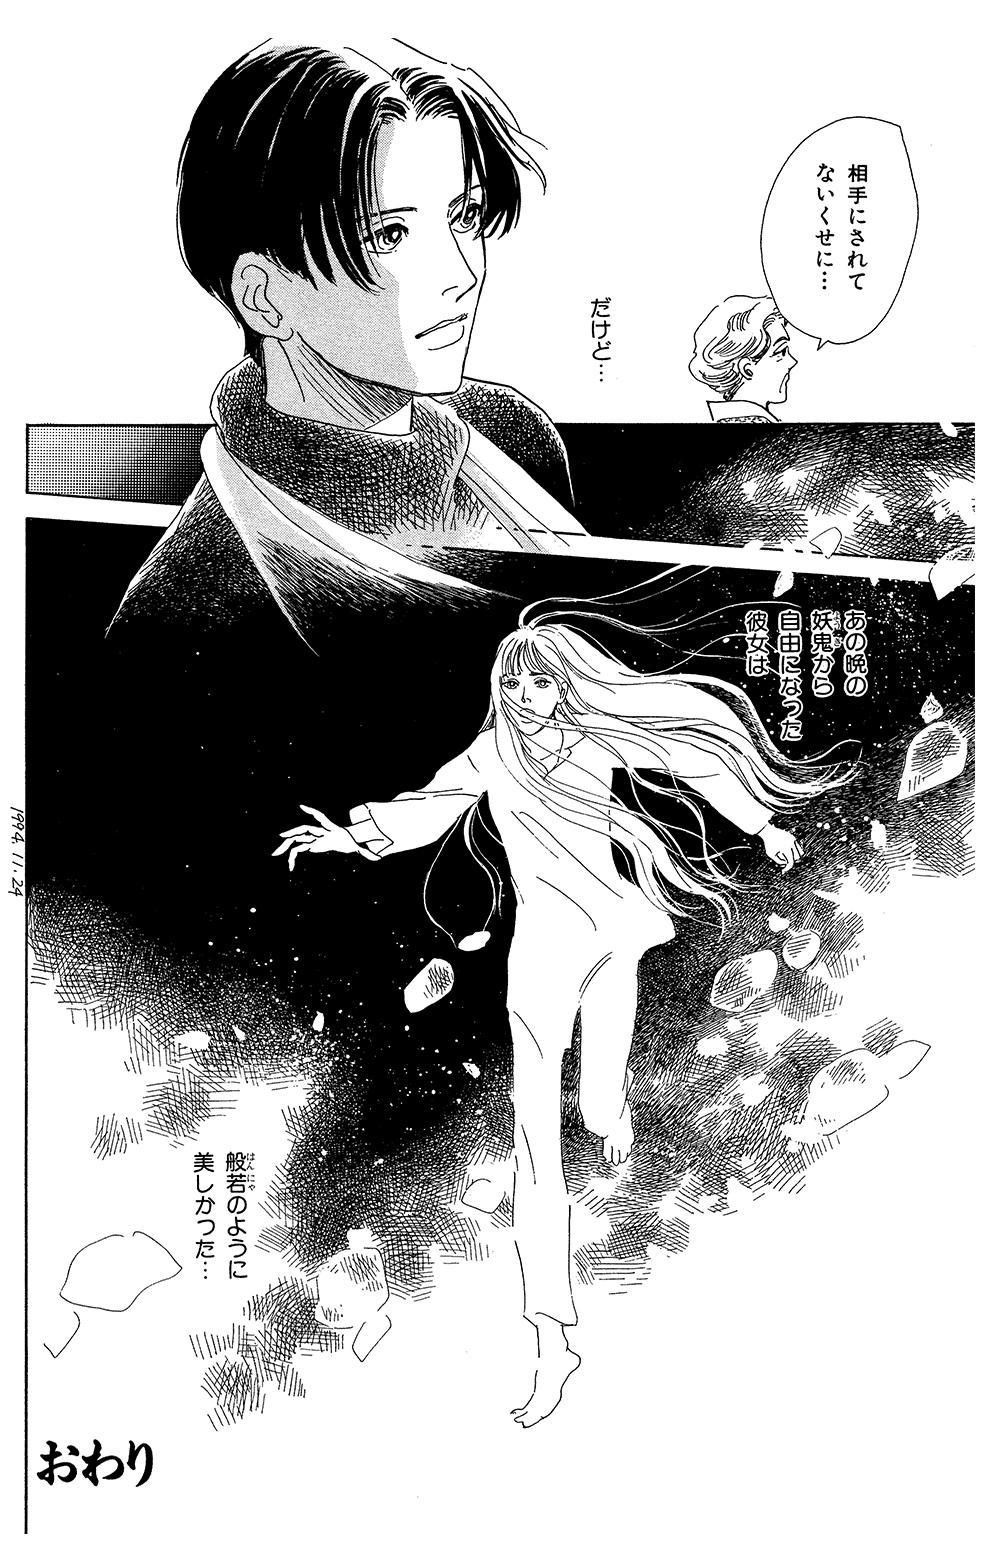 百鬼夜行抄 第1話「闇からの呼び声」⑤hyakki1-5-15.jpg